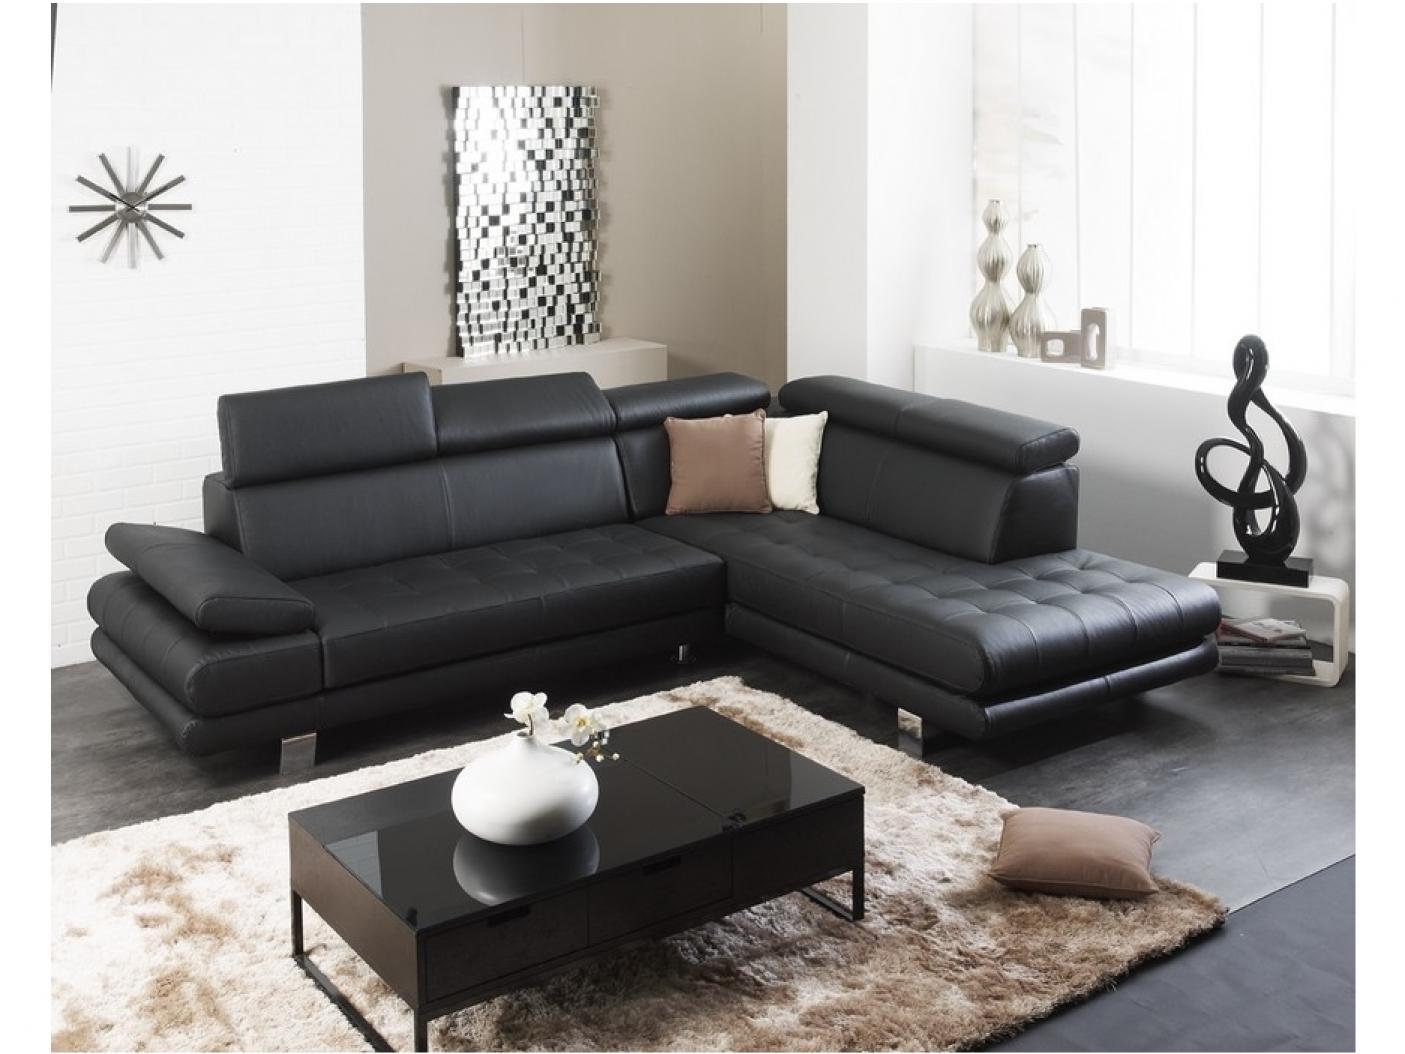 photos canap d 39 angle cuir noir pas cher. Black Bedroom Furniture Sets. Home Design Ideas